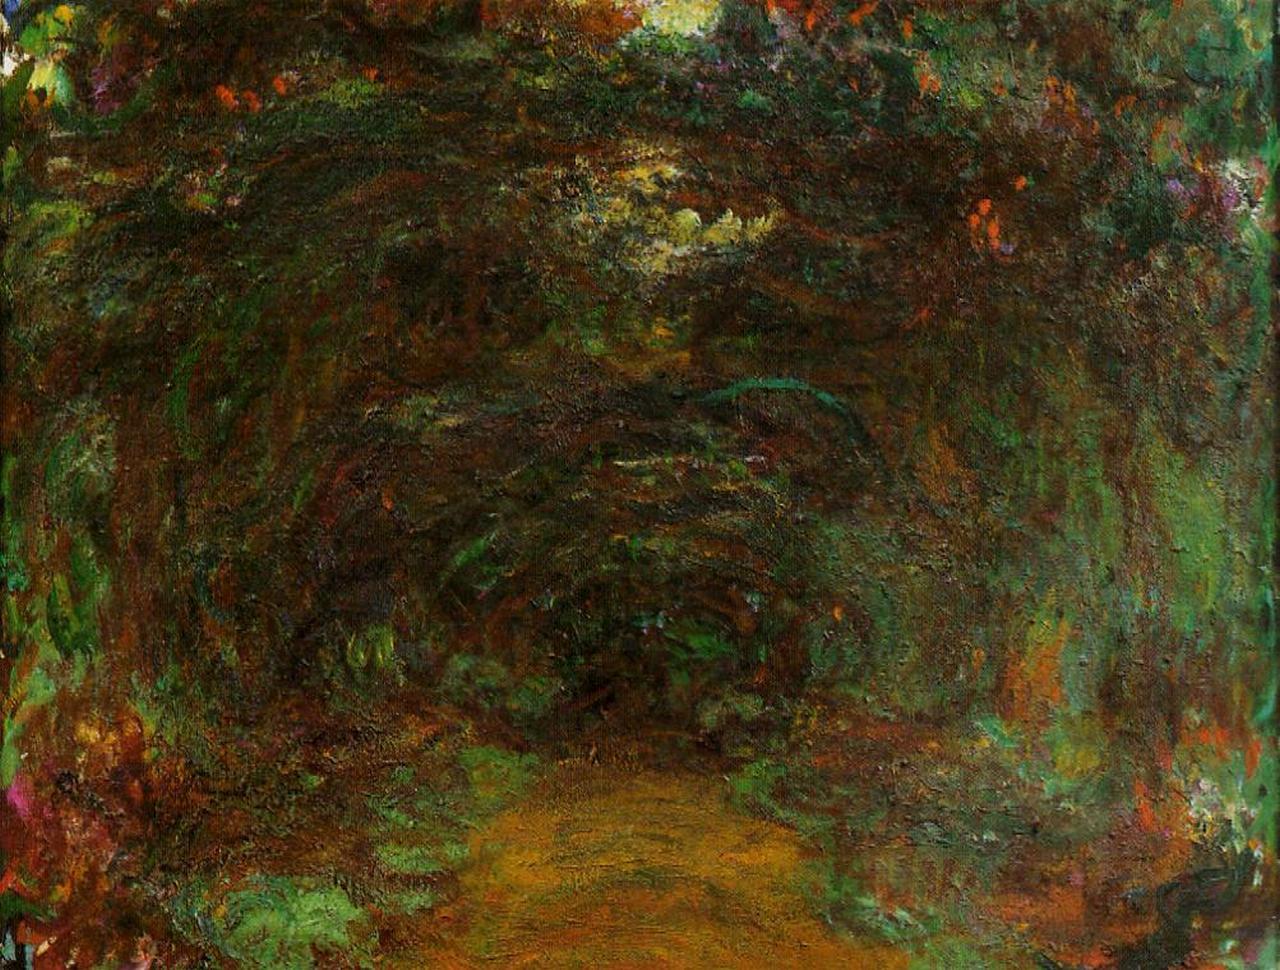 пейзаж < Тропа под оградой с розами, Живерни >:: Клод Моне, описание картины - Claude Monet фото